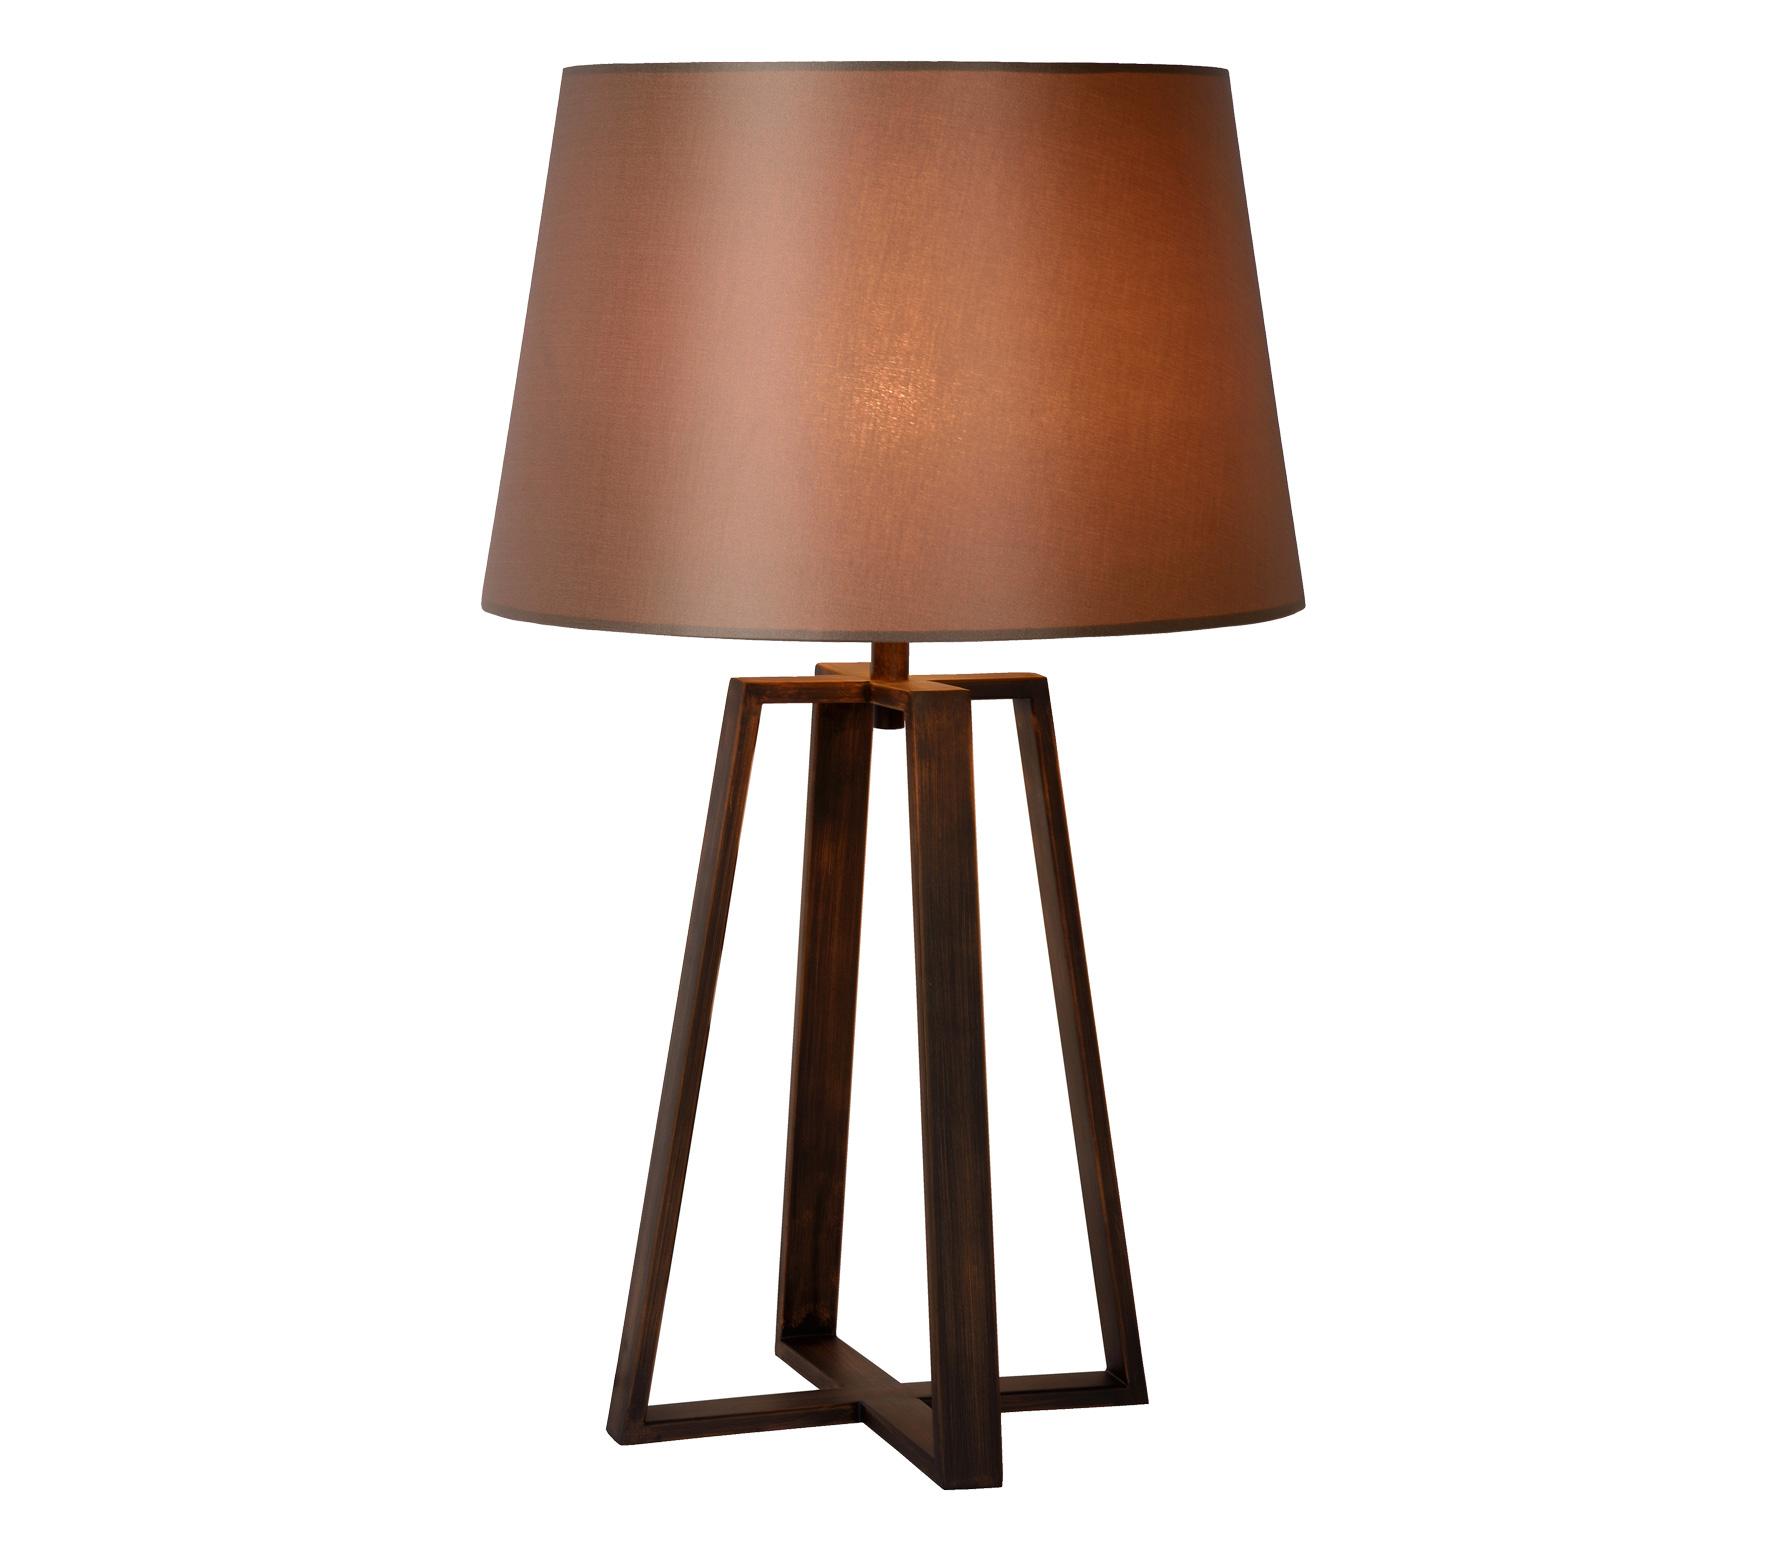 Coffee tafellamp Ø39 cm metaal stof roestbruin